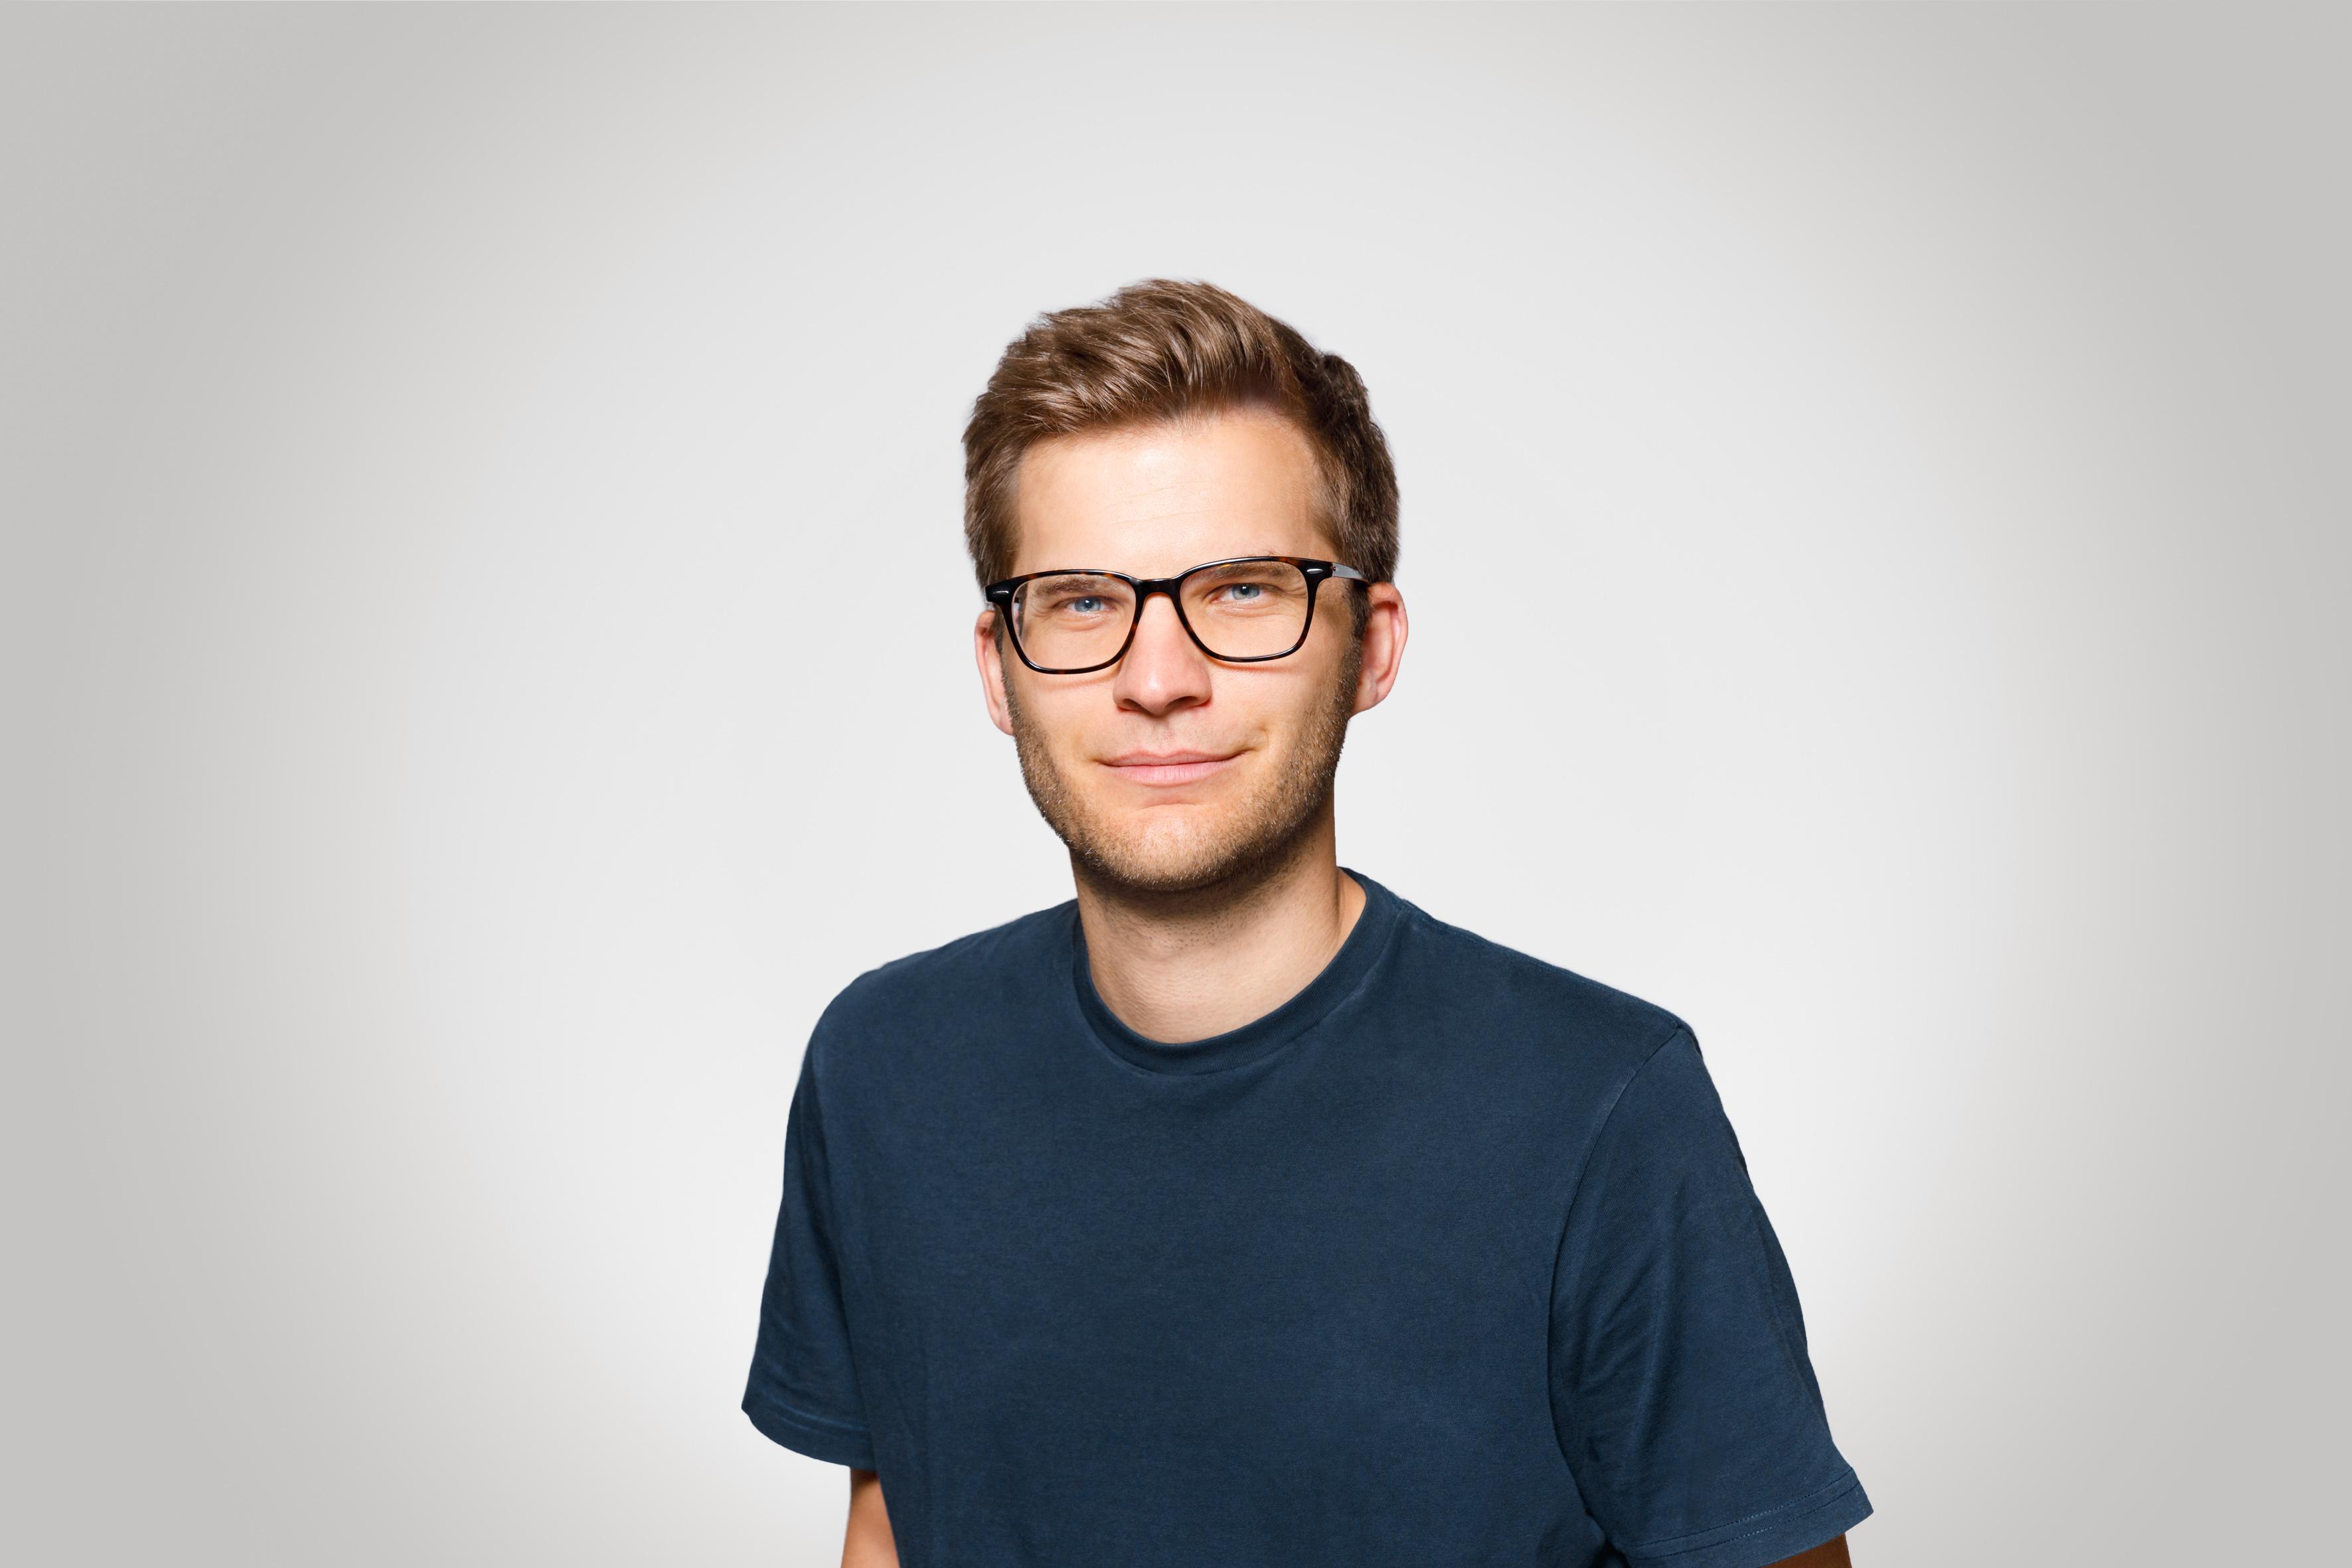 Gesichter Nils-Hendrik Höcker